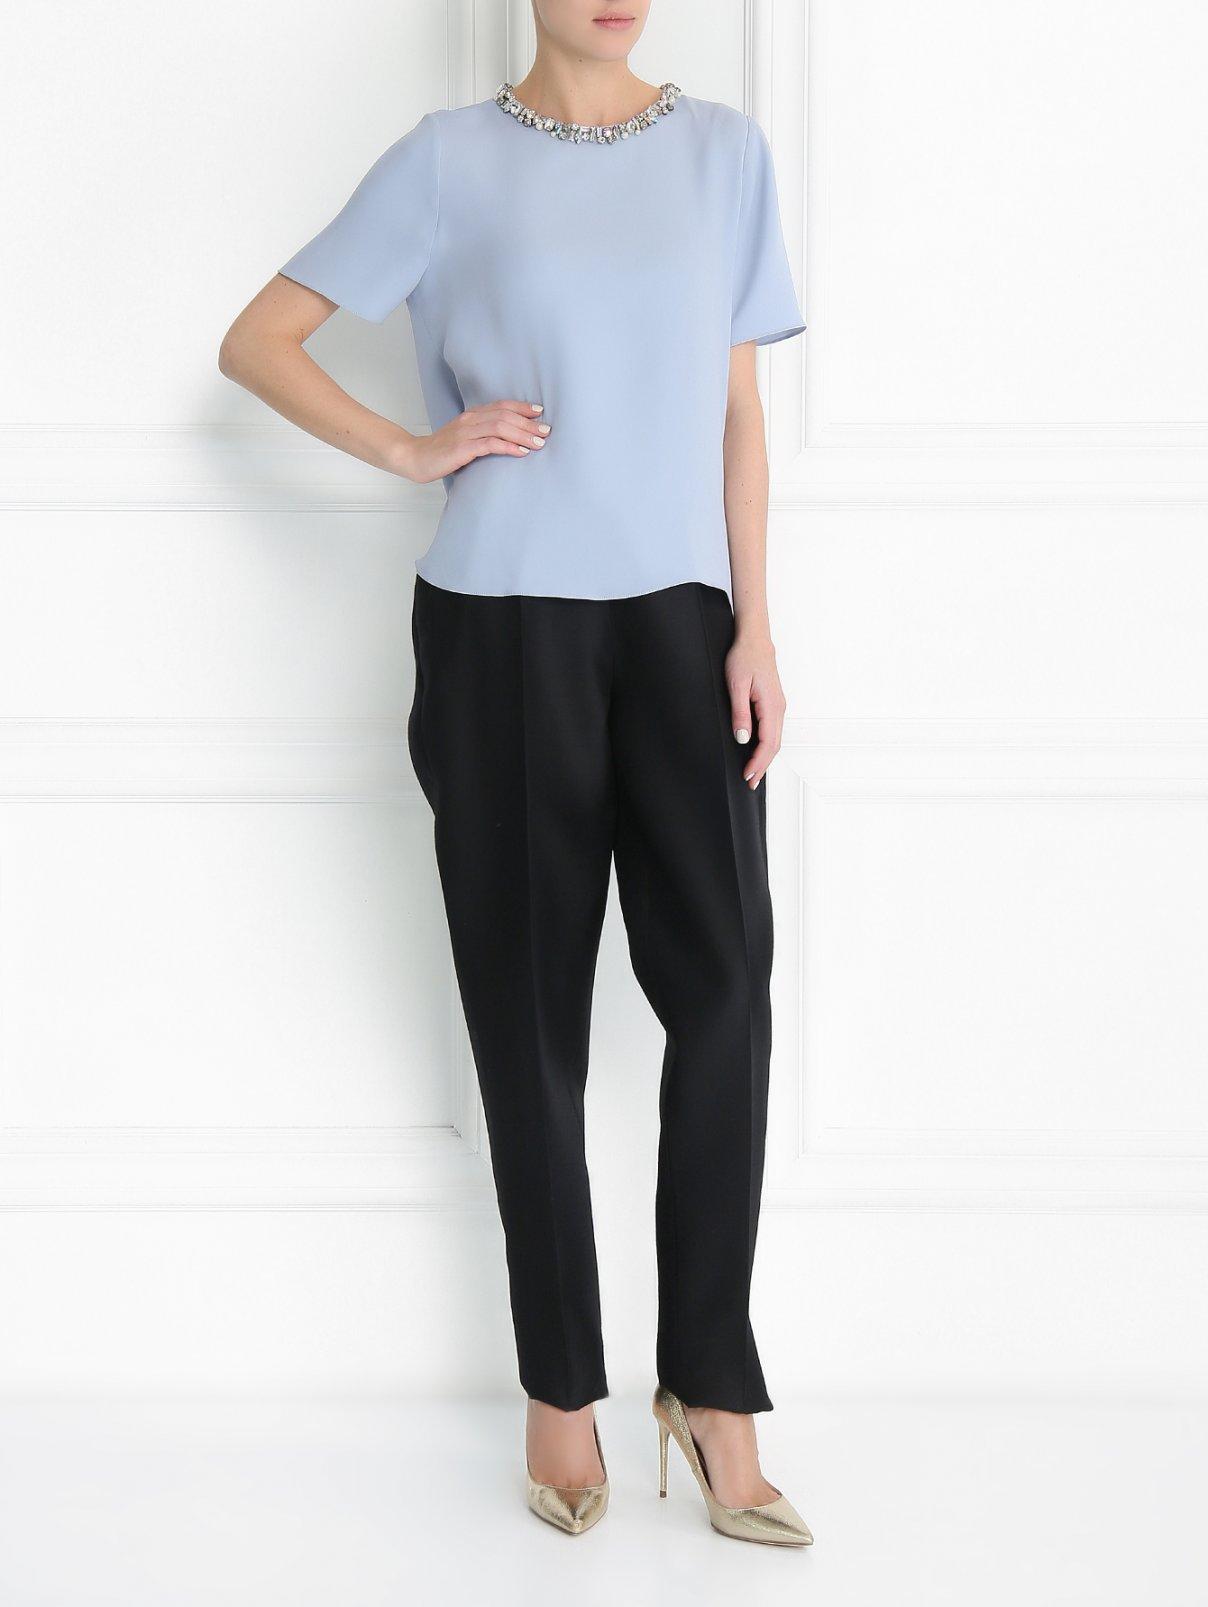 Блуза из шелка с декором из камней Dice Kayek  –  Модель Общий вид